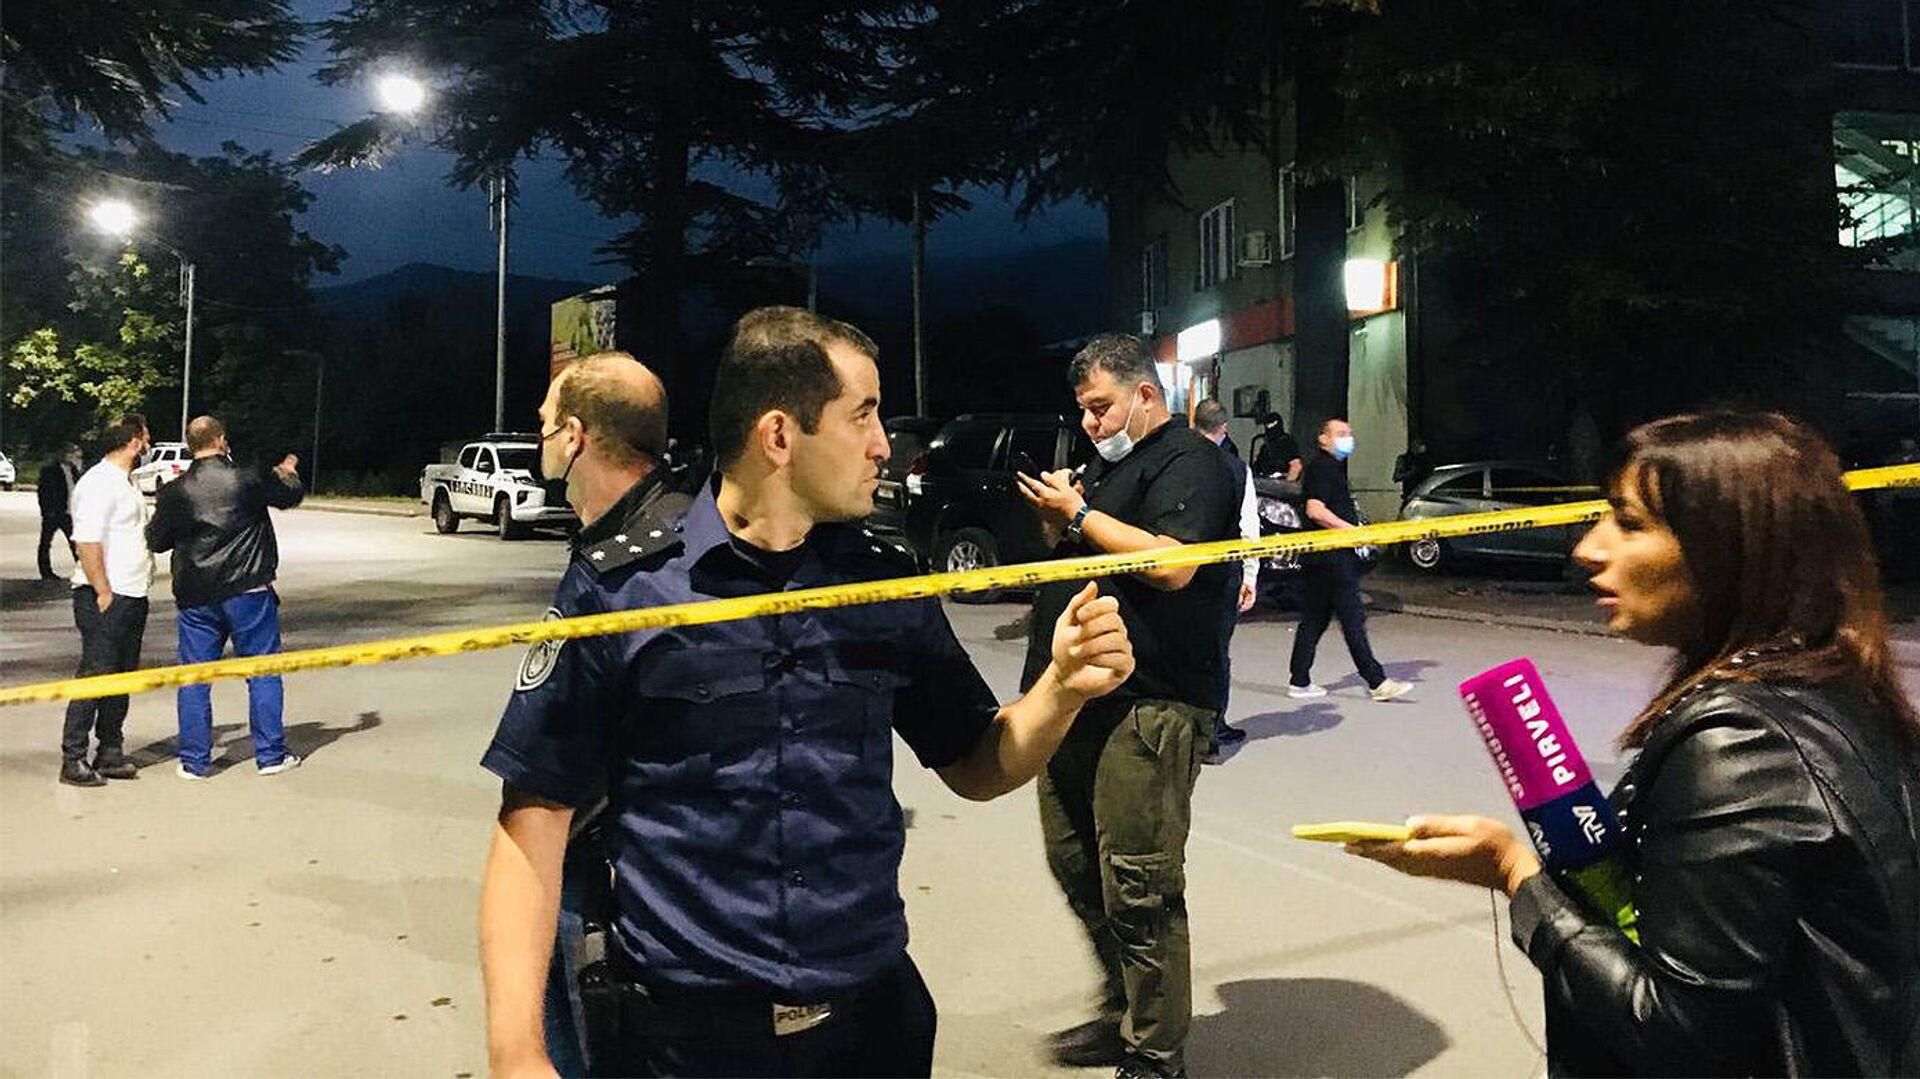 Полиция и журналисты на месте нападения на филиал Банка Грузии в городе Кварели - Sputnik Грузия, 1920, 10.09.2021